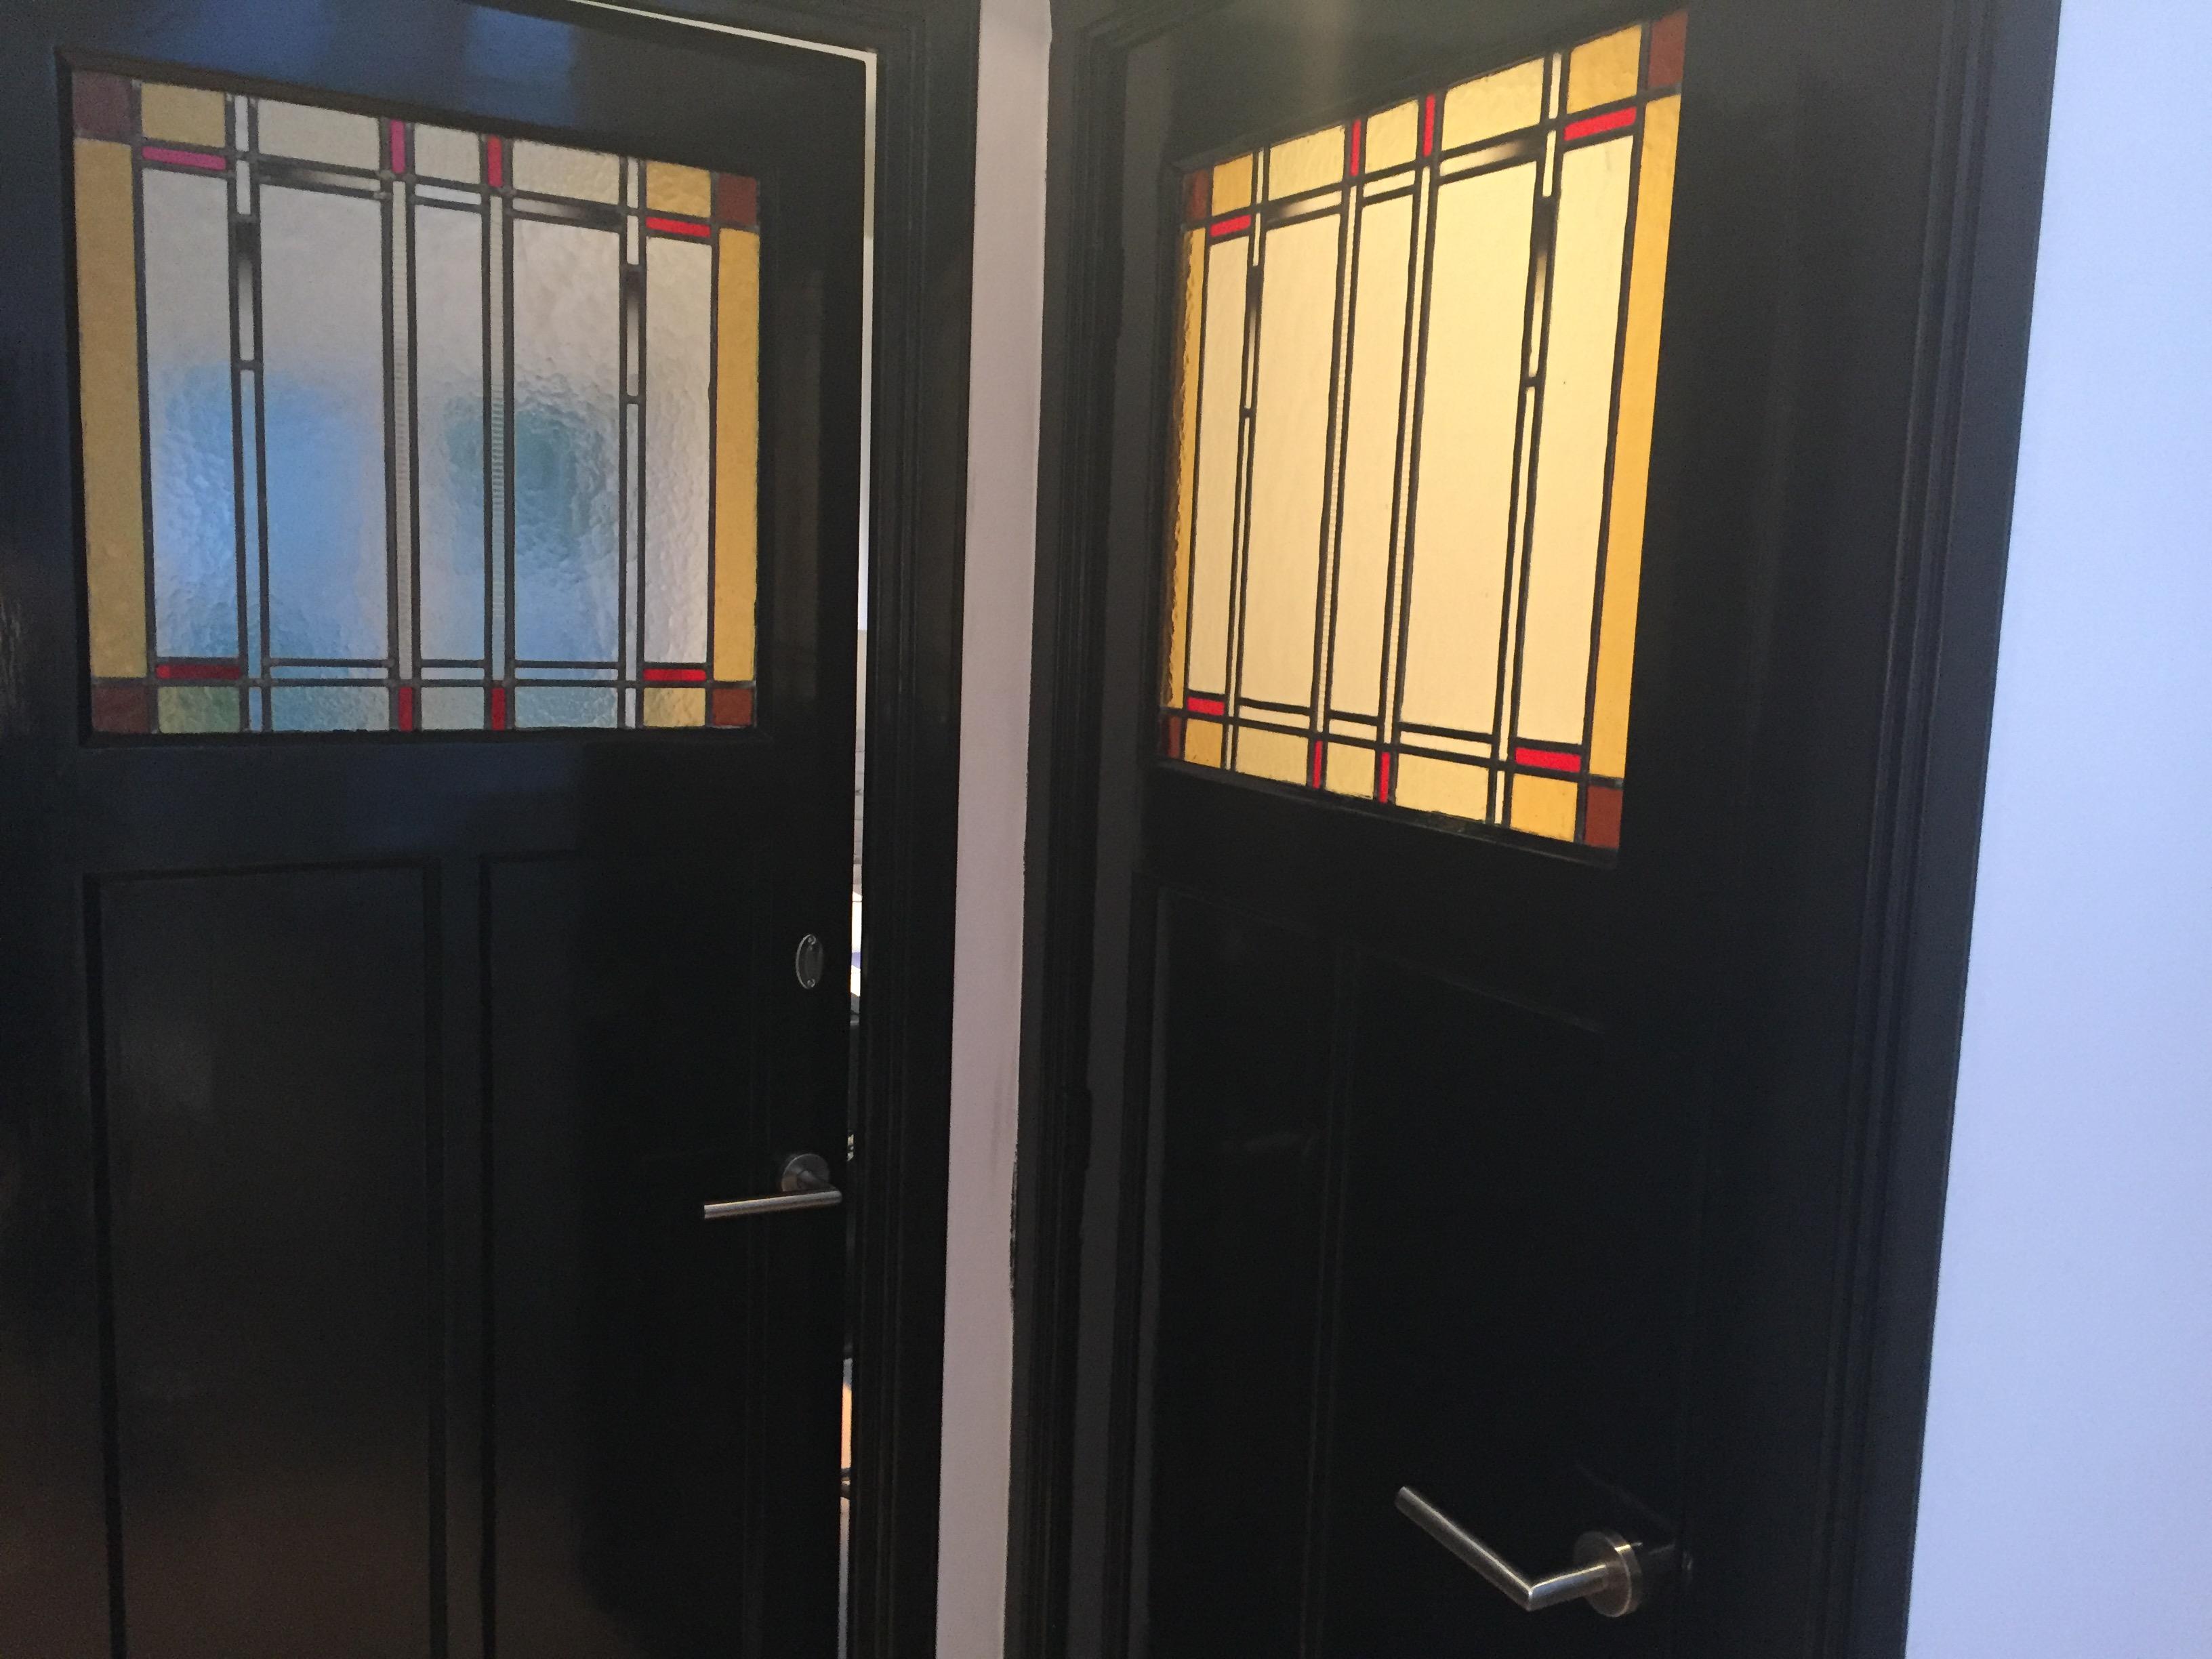 Slot op wc deur voordemakers.nl